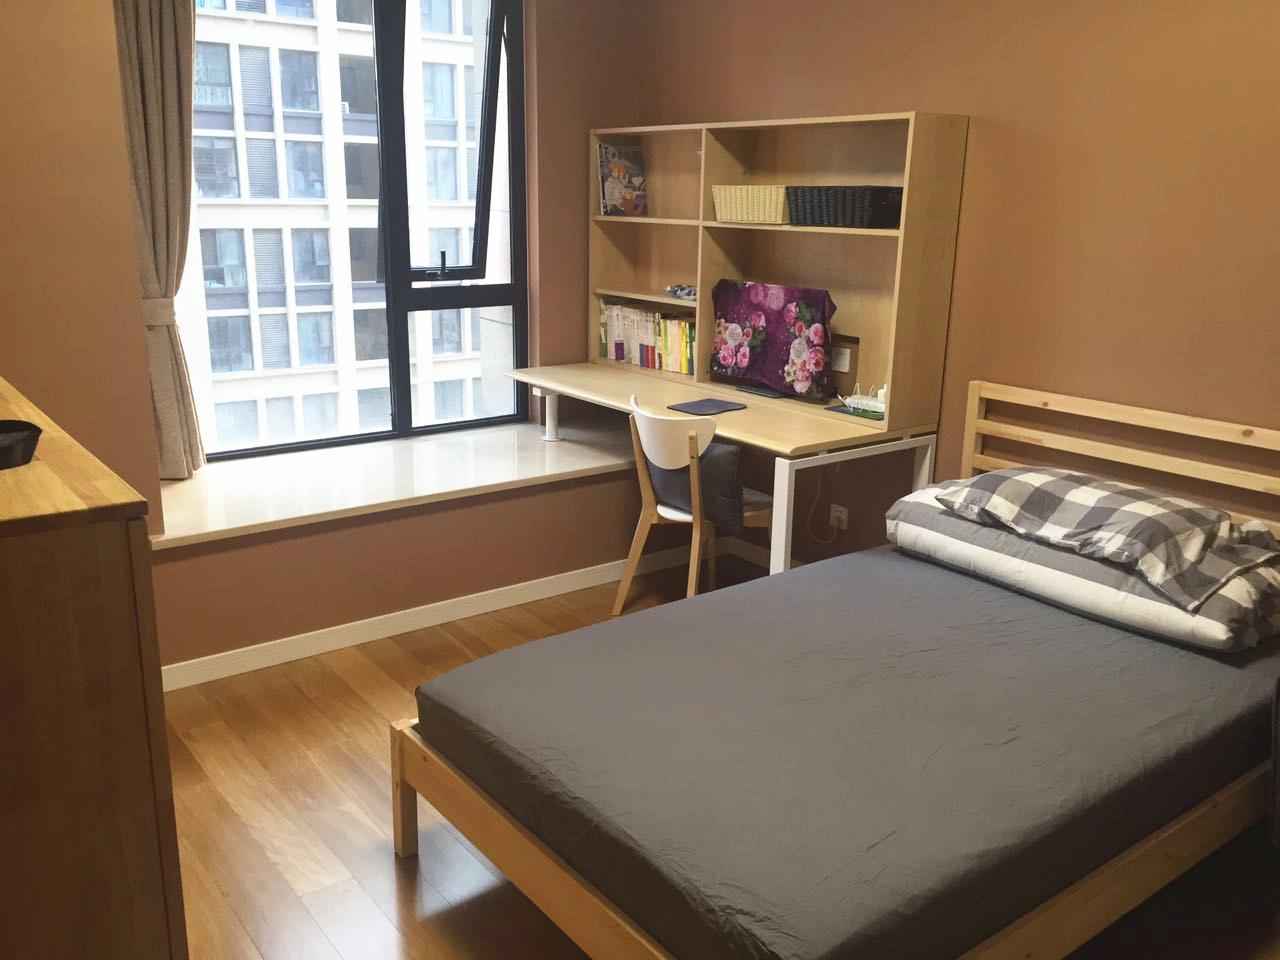 卧室旁规划出一处卧榻空间,一角设有办公台,收纳功能强大,木作柜体等家具也与整体风格相互呼应,勾勒出令